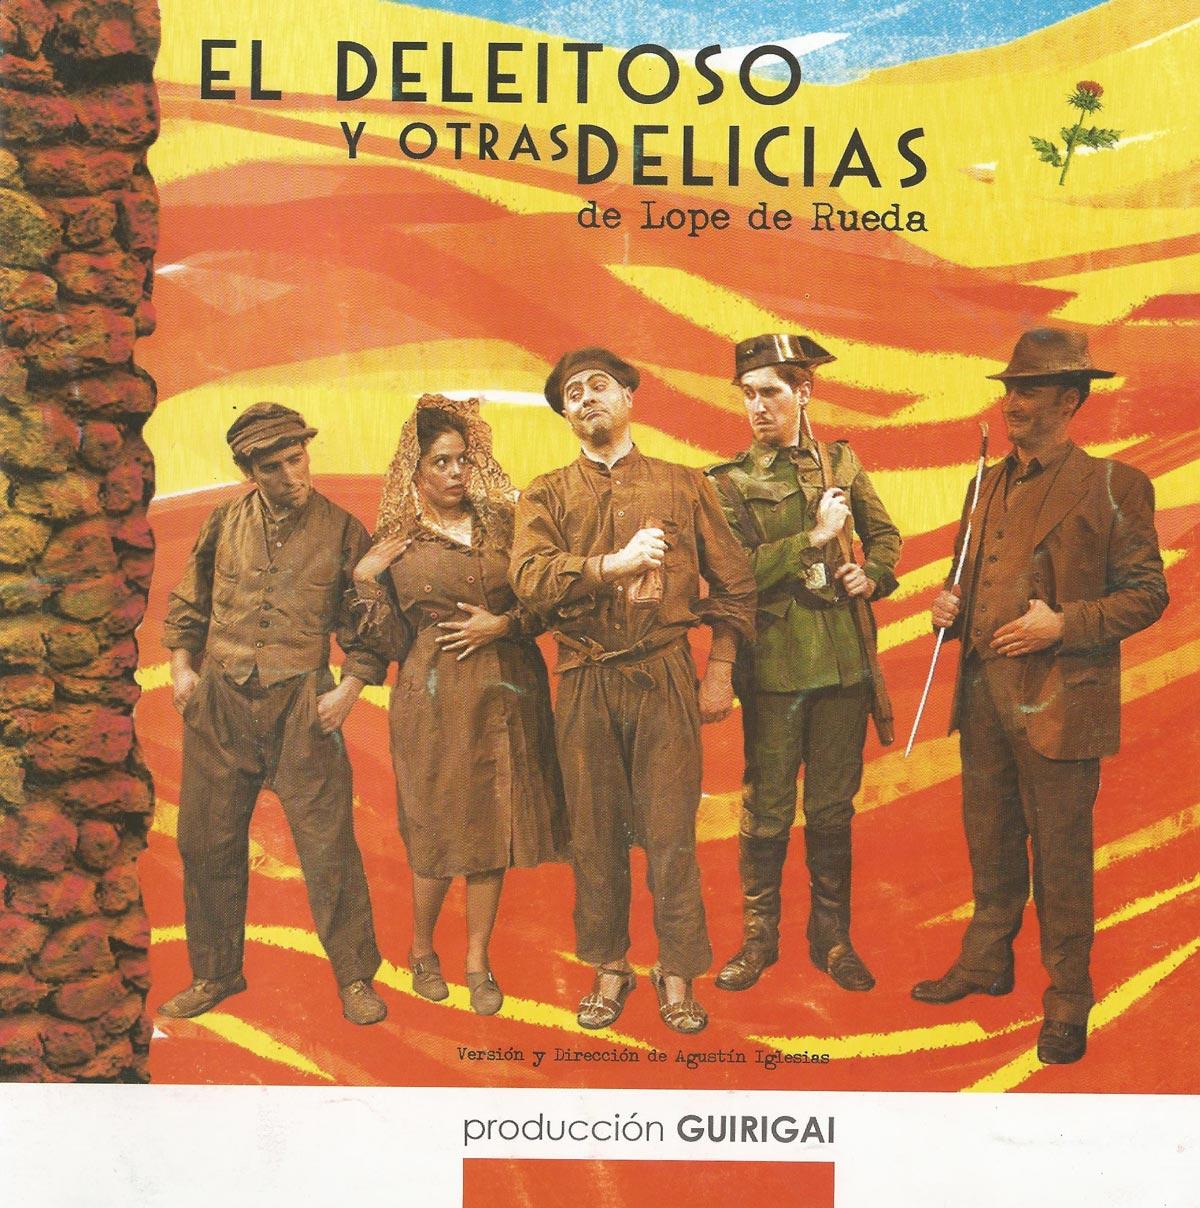 2008-el-deleitoso-guirigai-cartel-0001